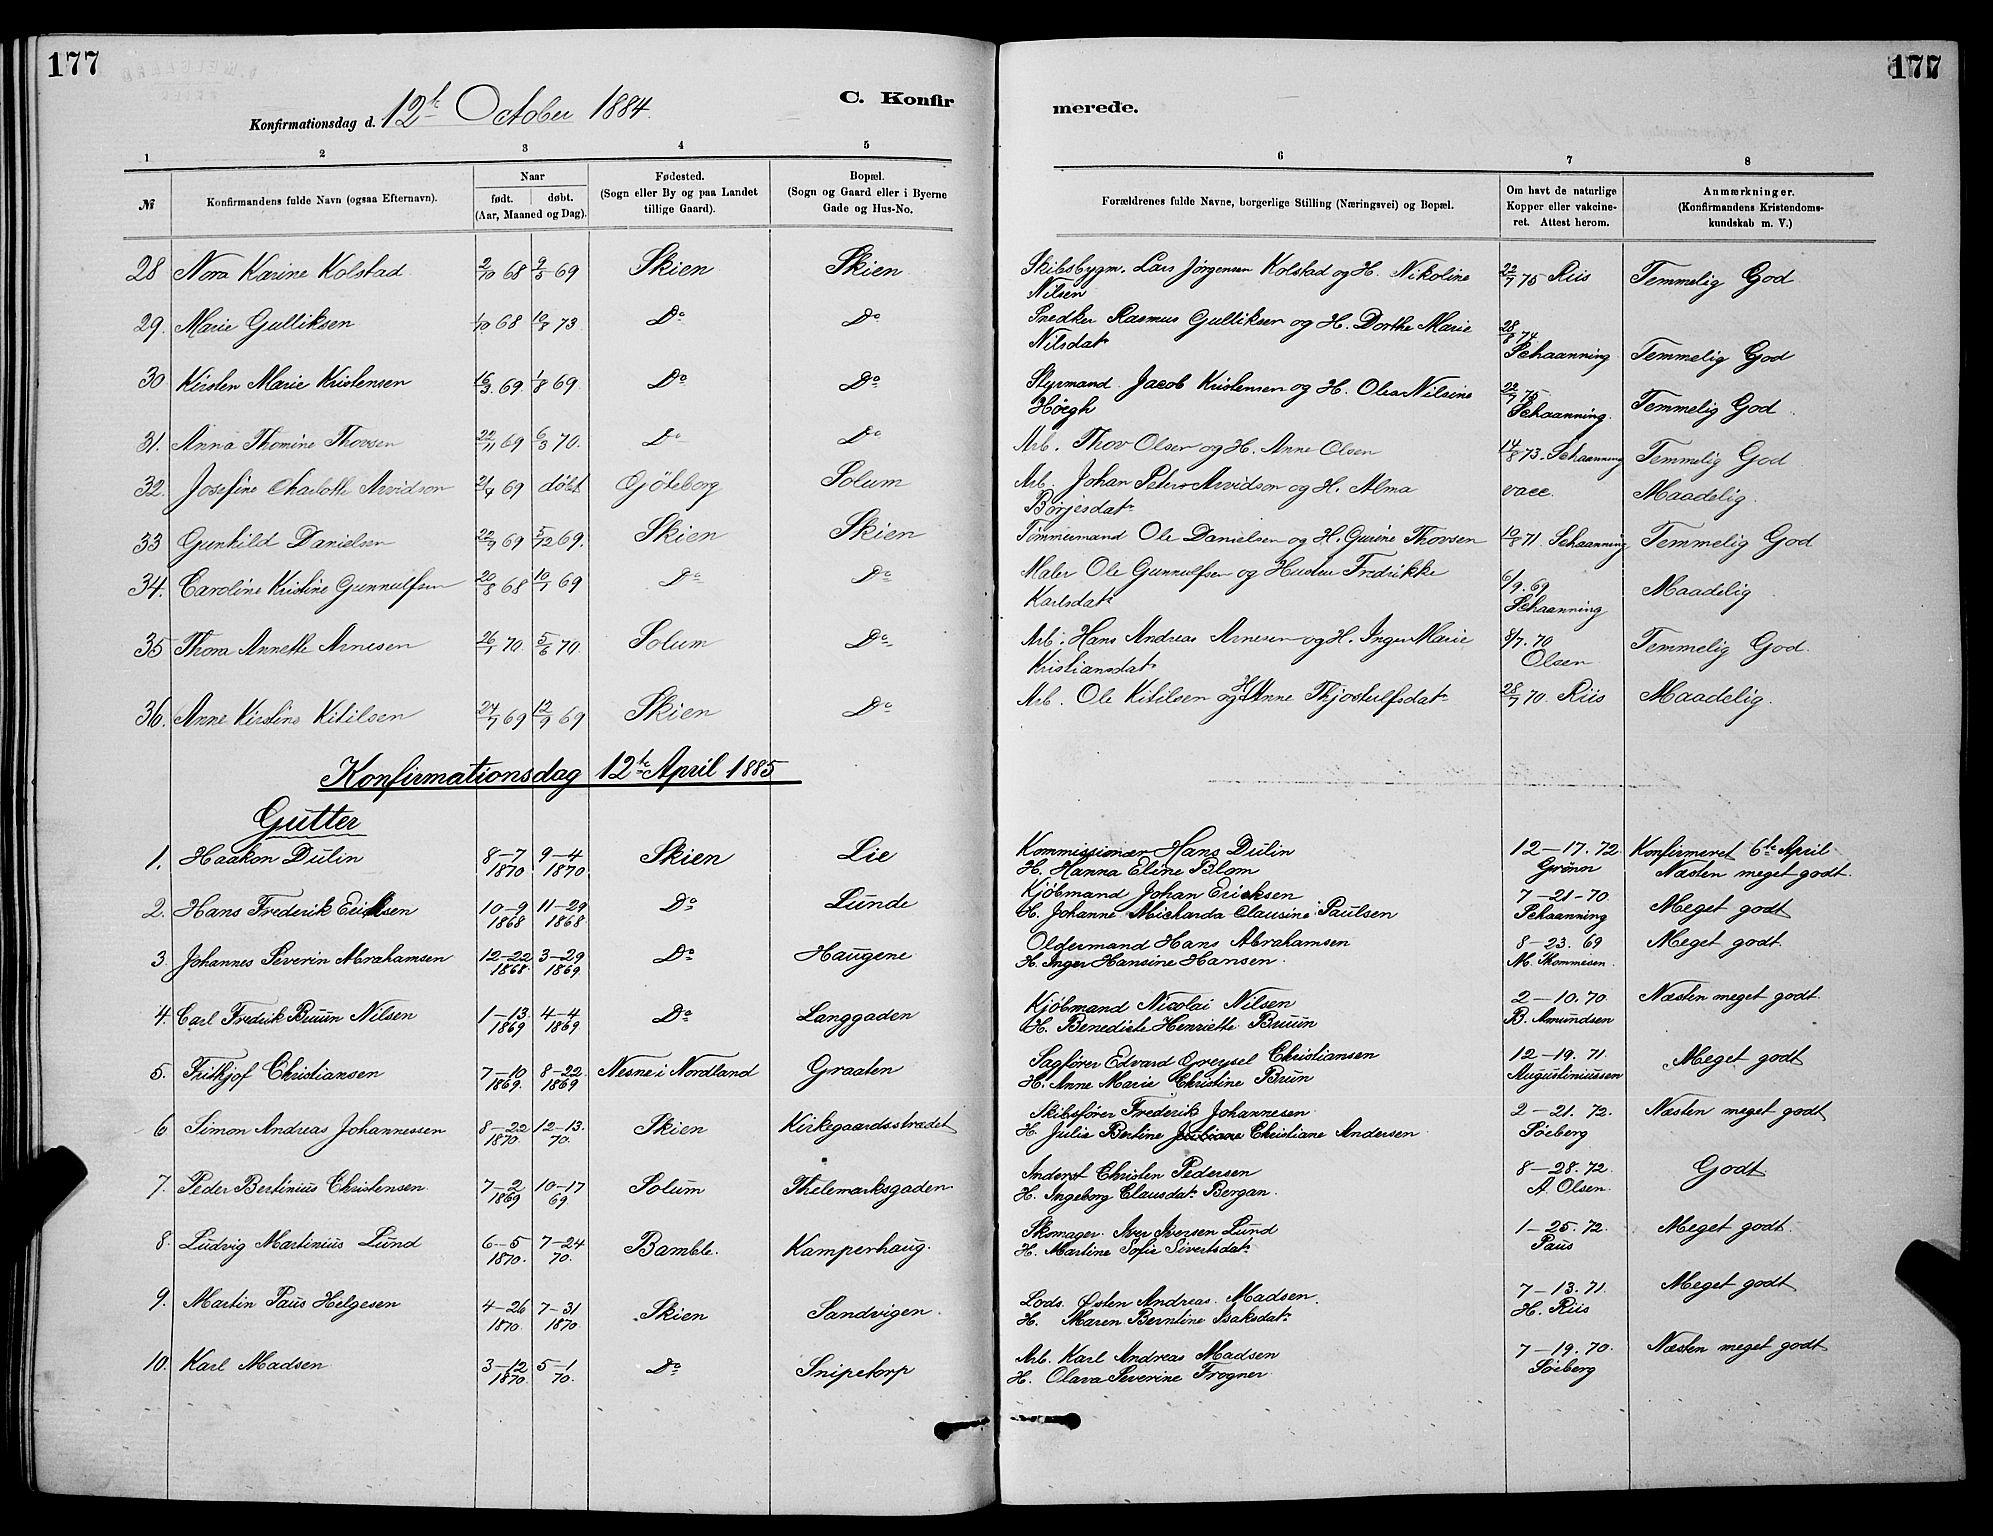 SAKO, Skien kirkebøker, G/Ga/L0006: Klokkerbok nr. 6, 1881-1890, s. 177